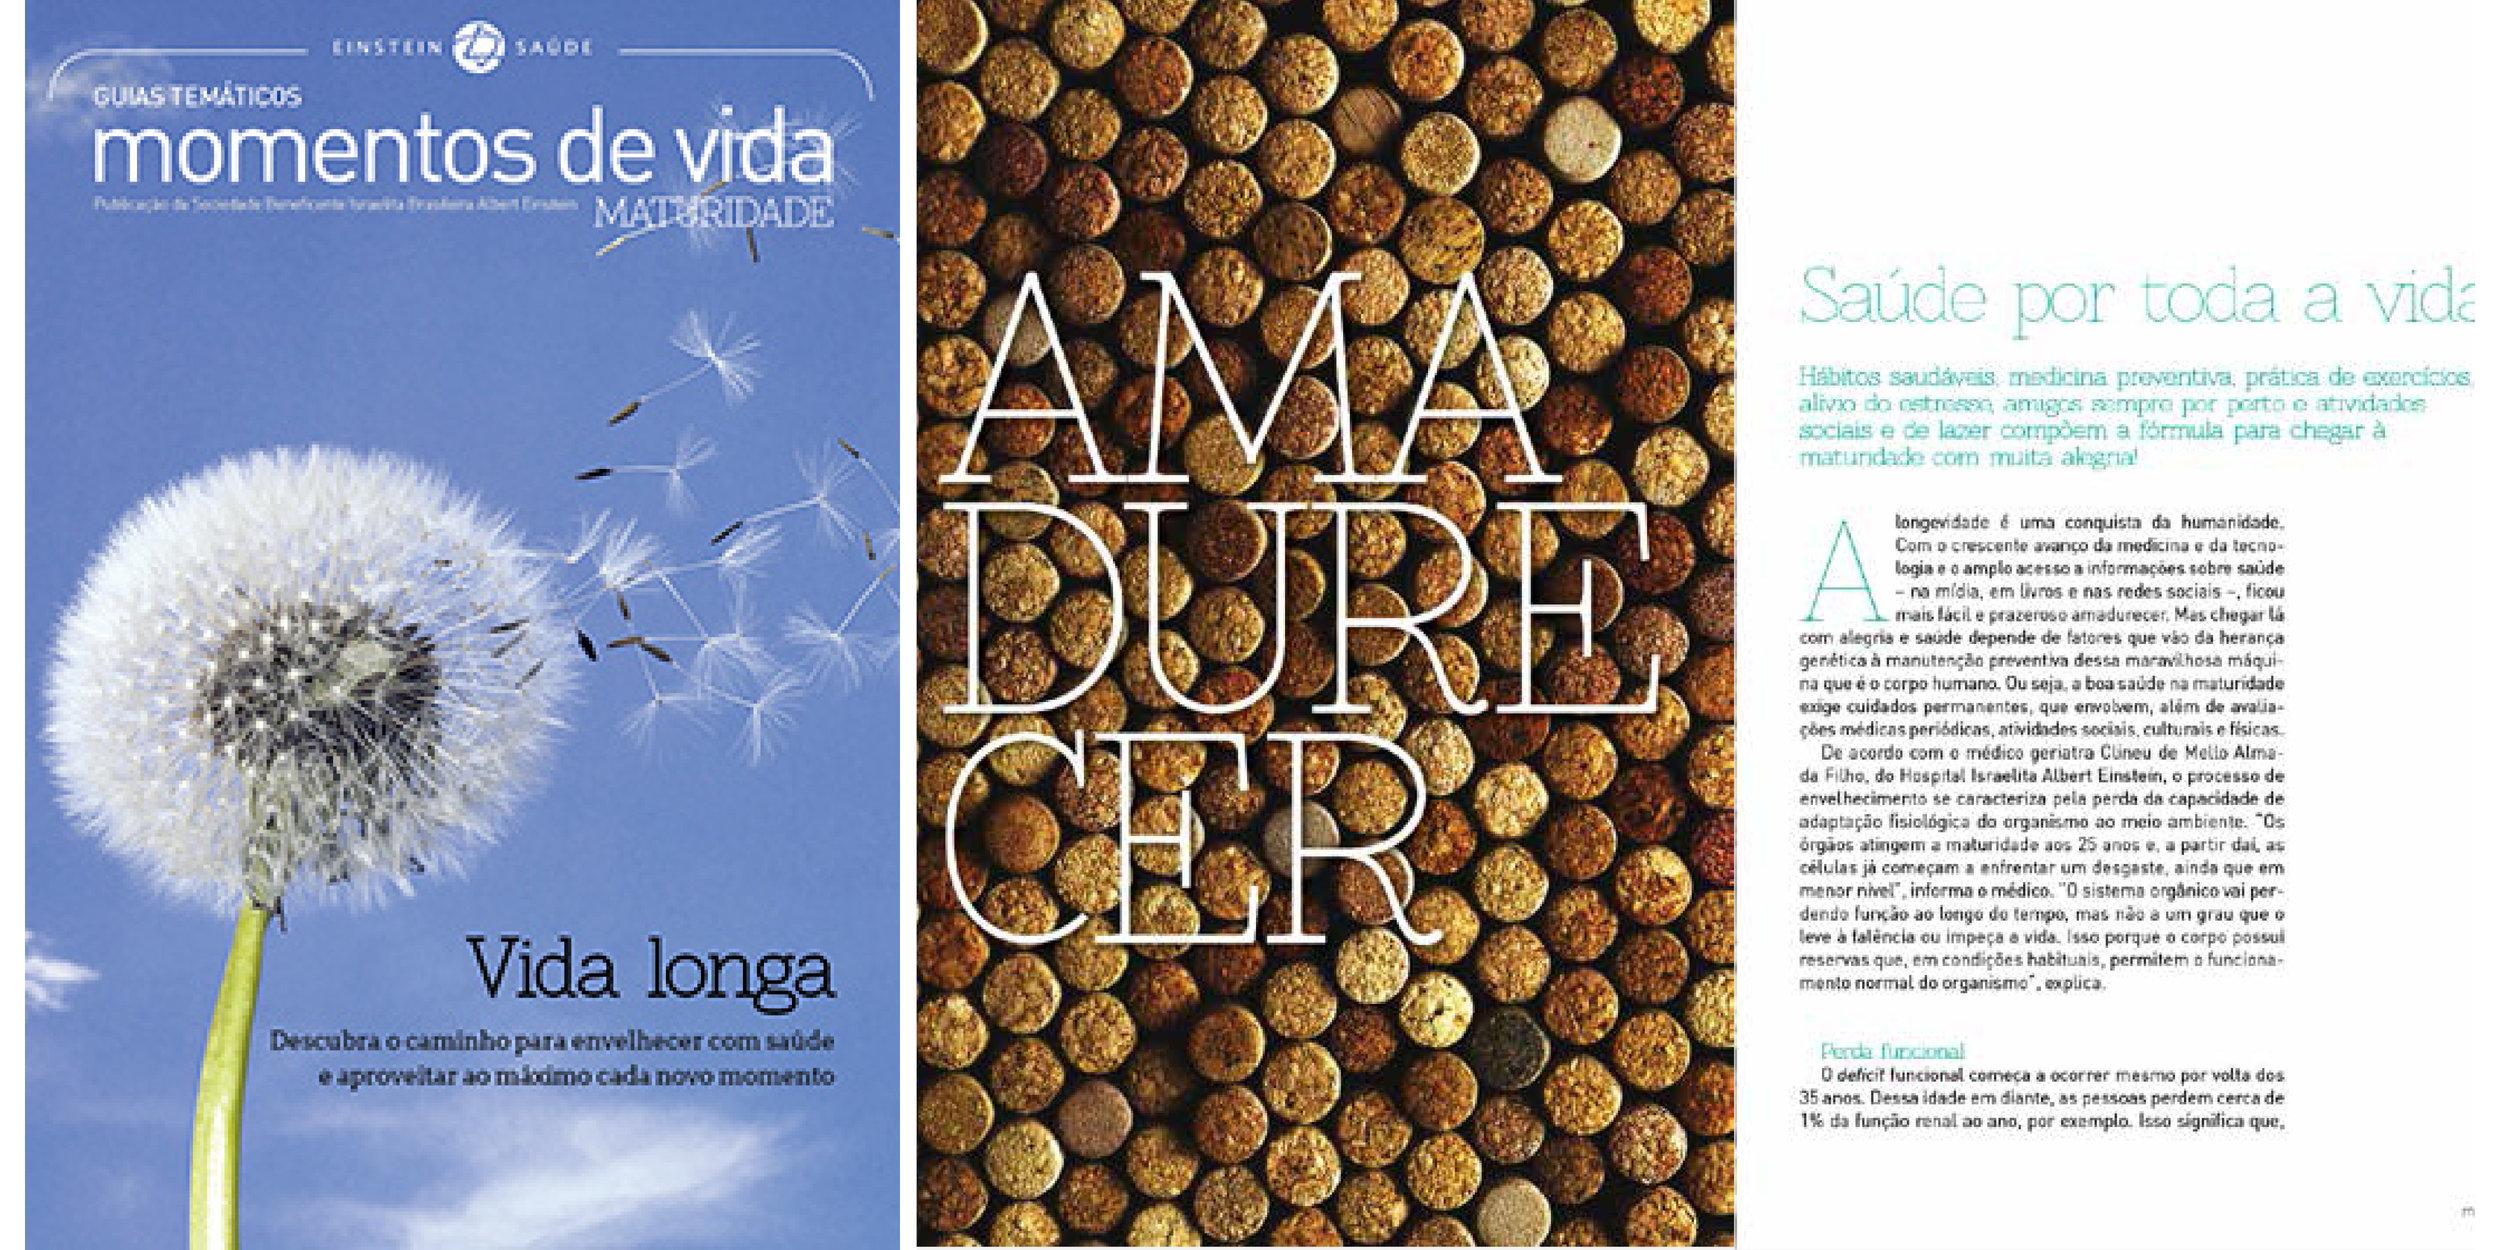 carrossel_jornais,livros,revistas-13.jpg